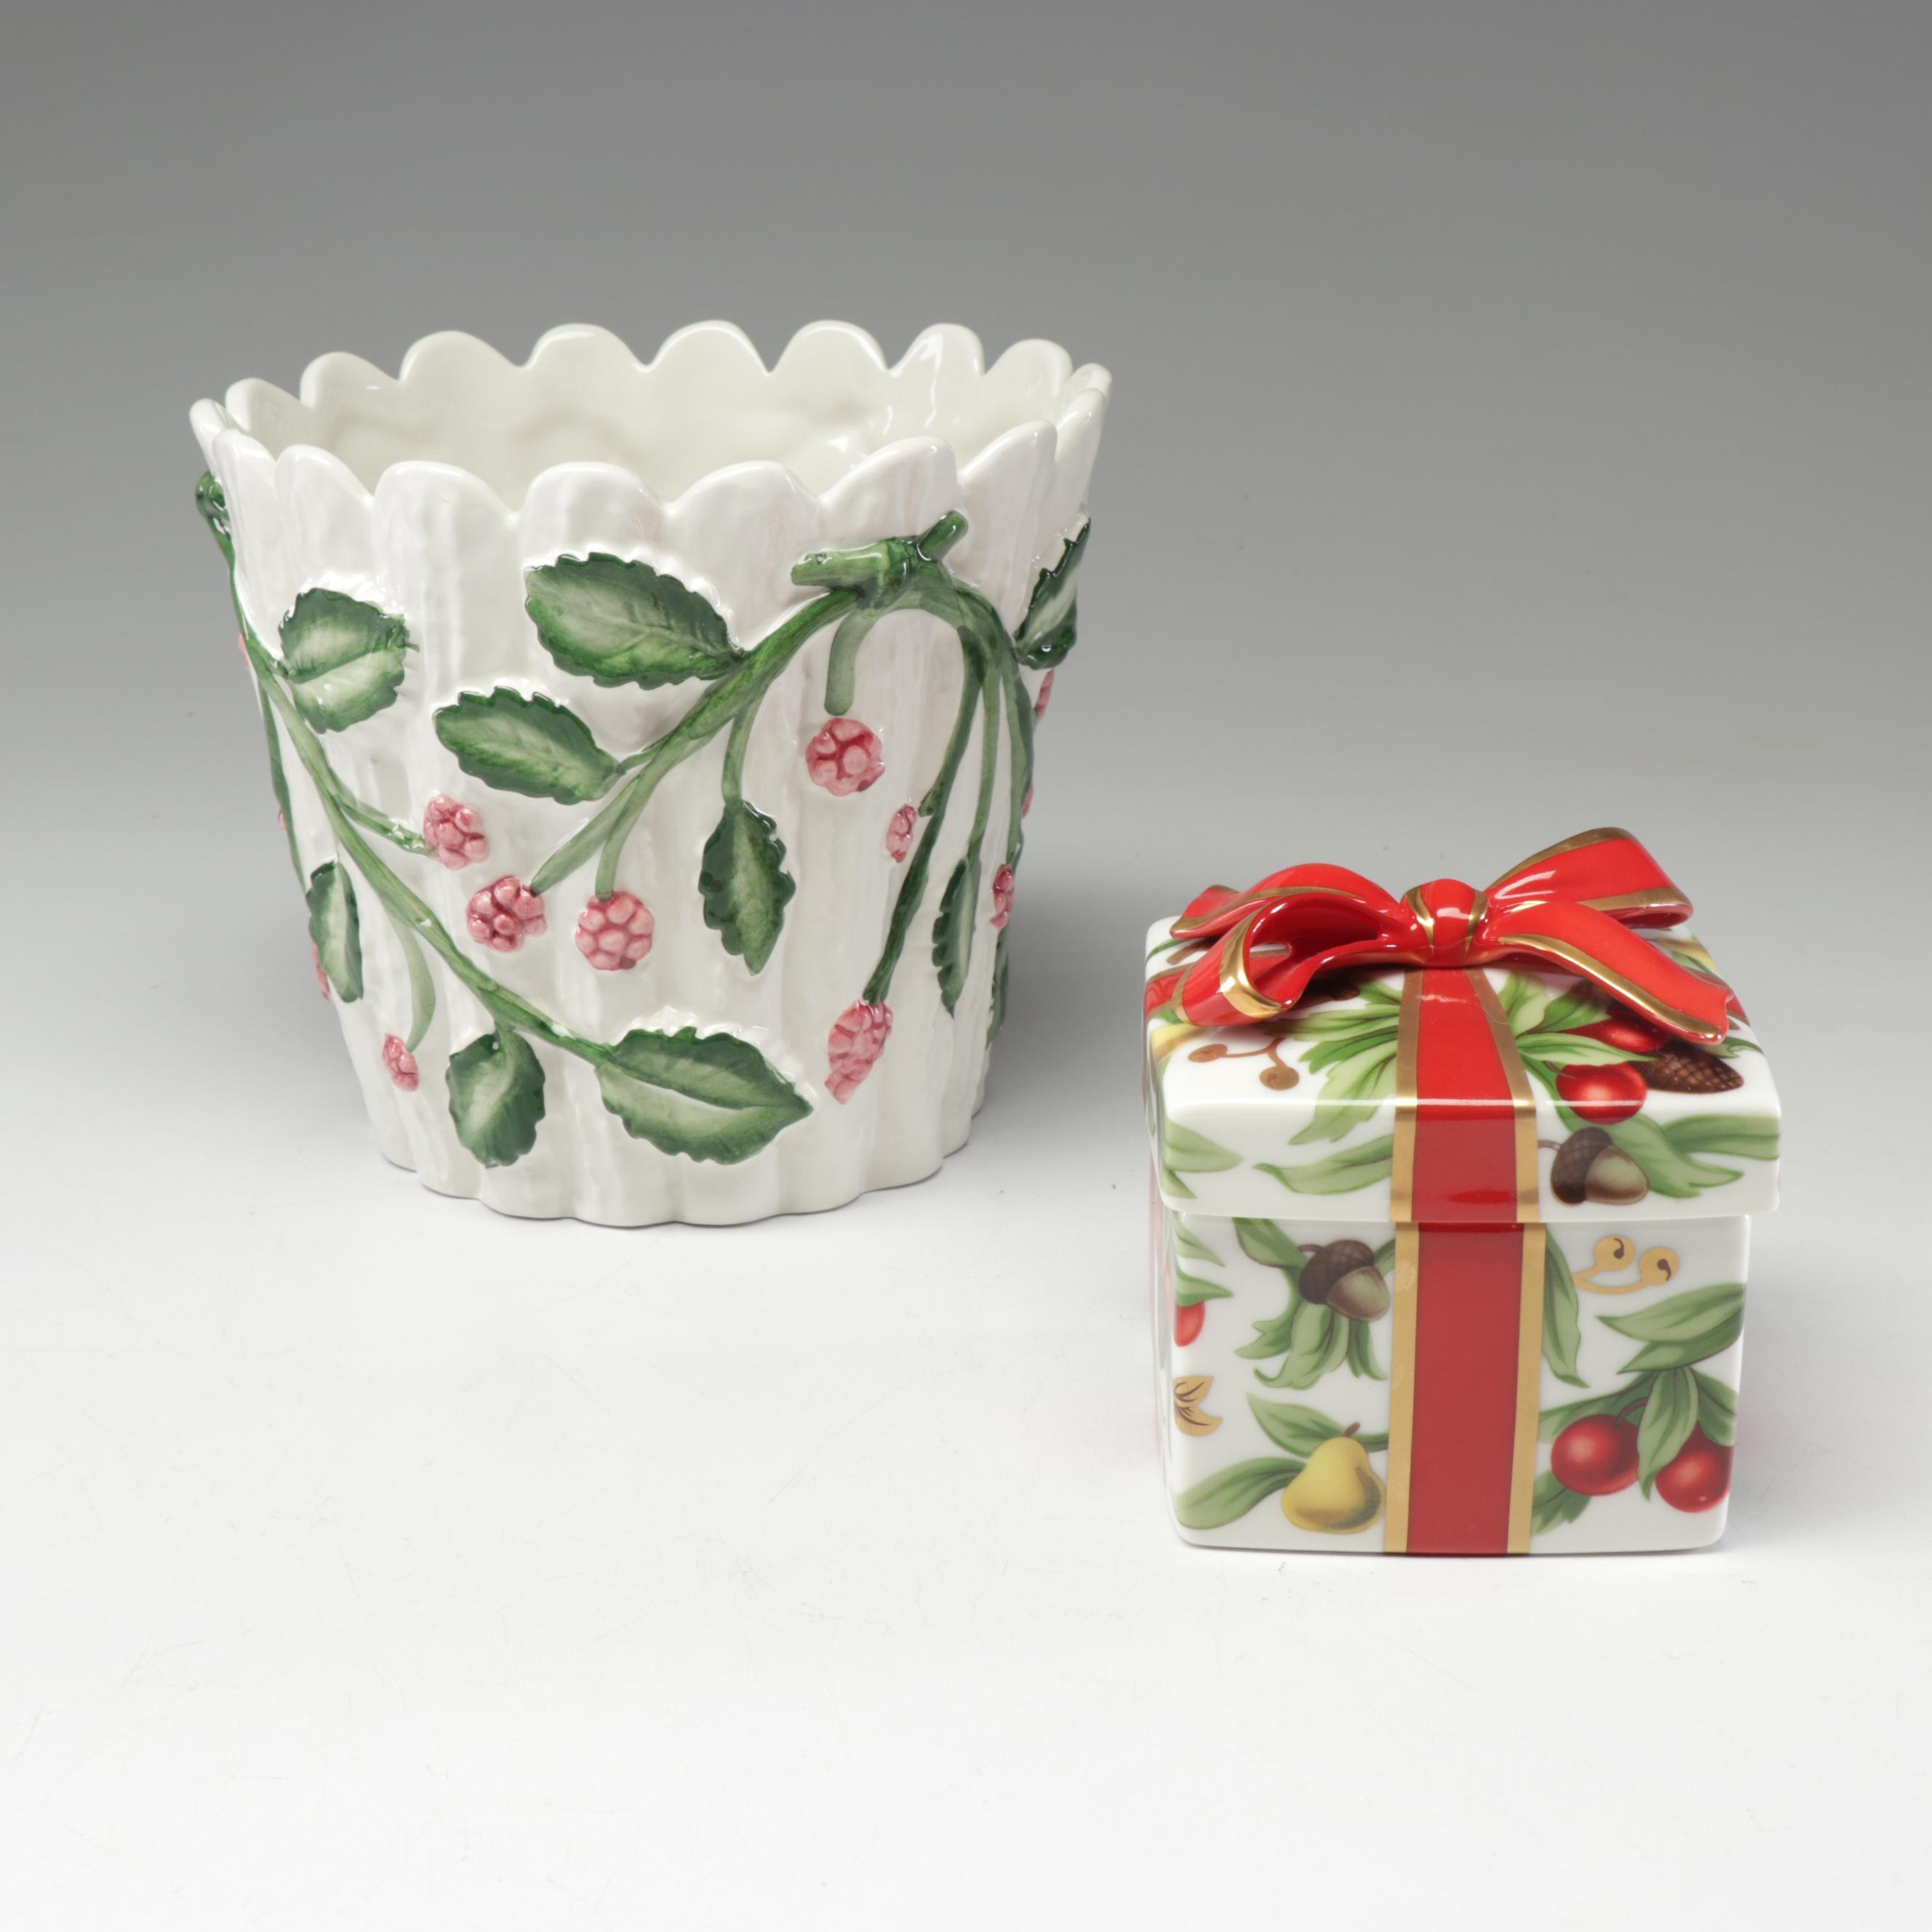 Tiffany & Co. Ceramic Planter and Holiday Box